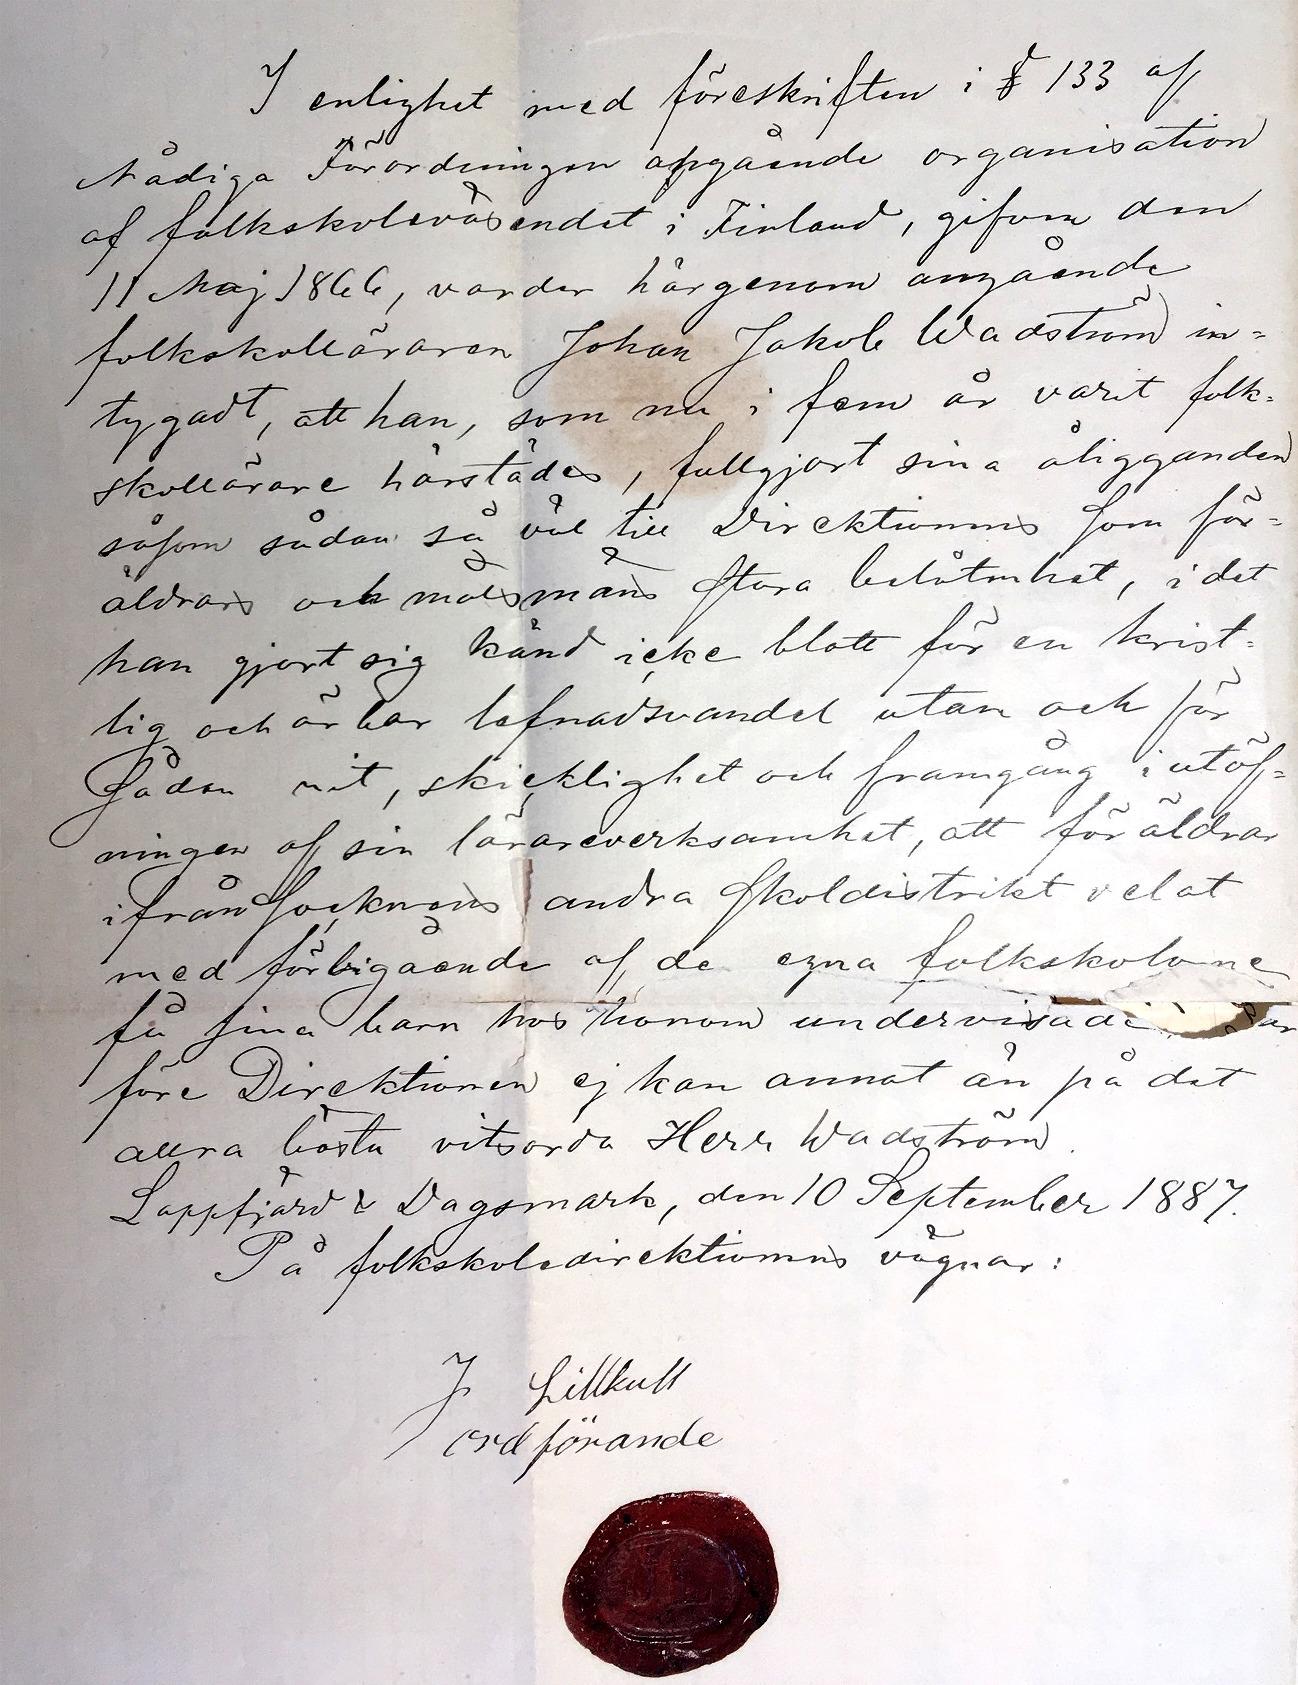 Josef Mattsson Lillkulls intyg åt folkskollärare Wadström. Wadströms barnbarn Johan Wadström i Vasa har donerat intyget till SLS:s arkiv i Vasa.